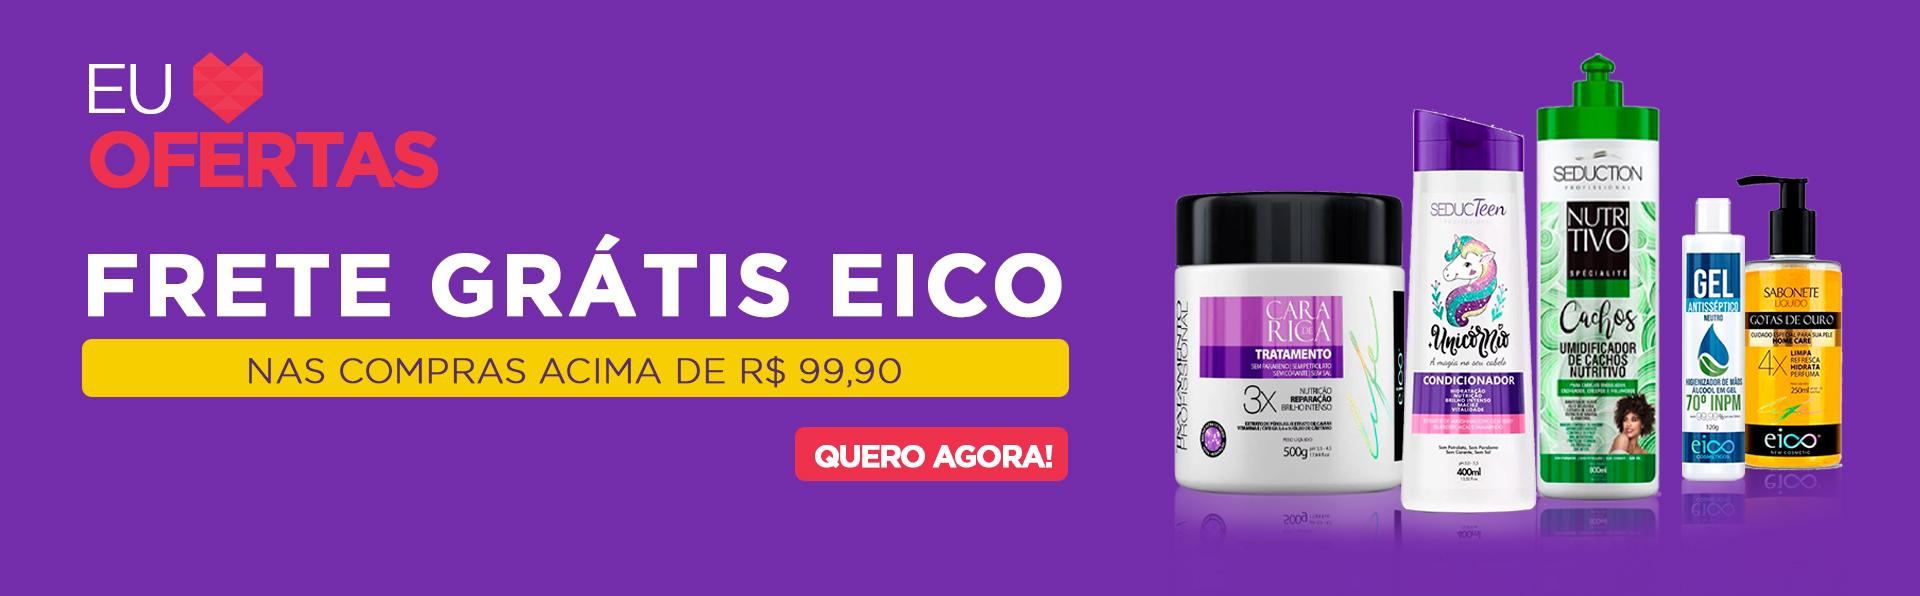 EICO_PROMO